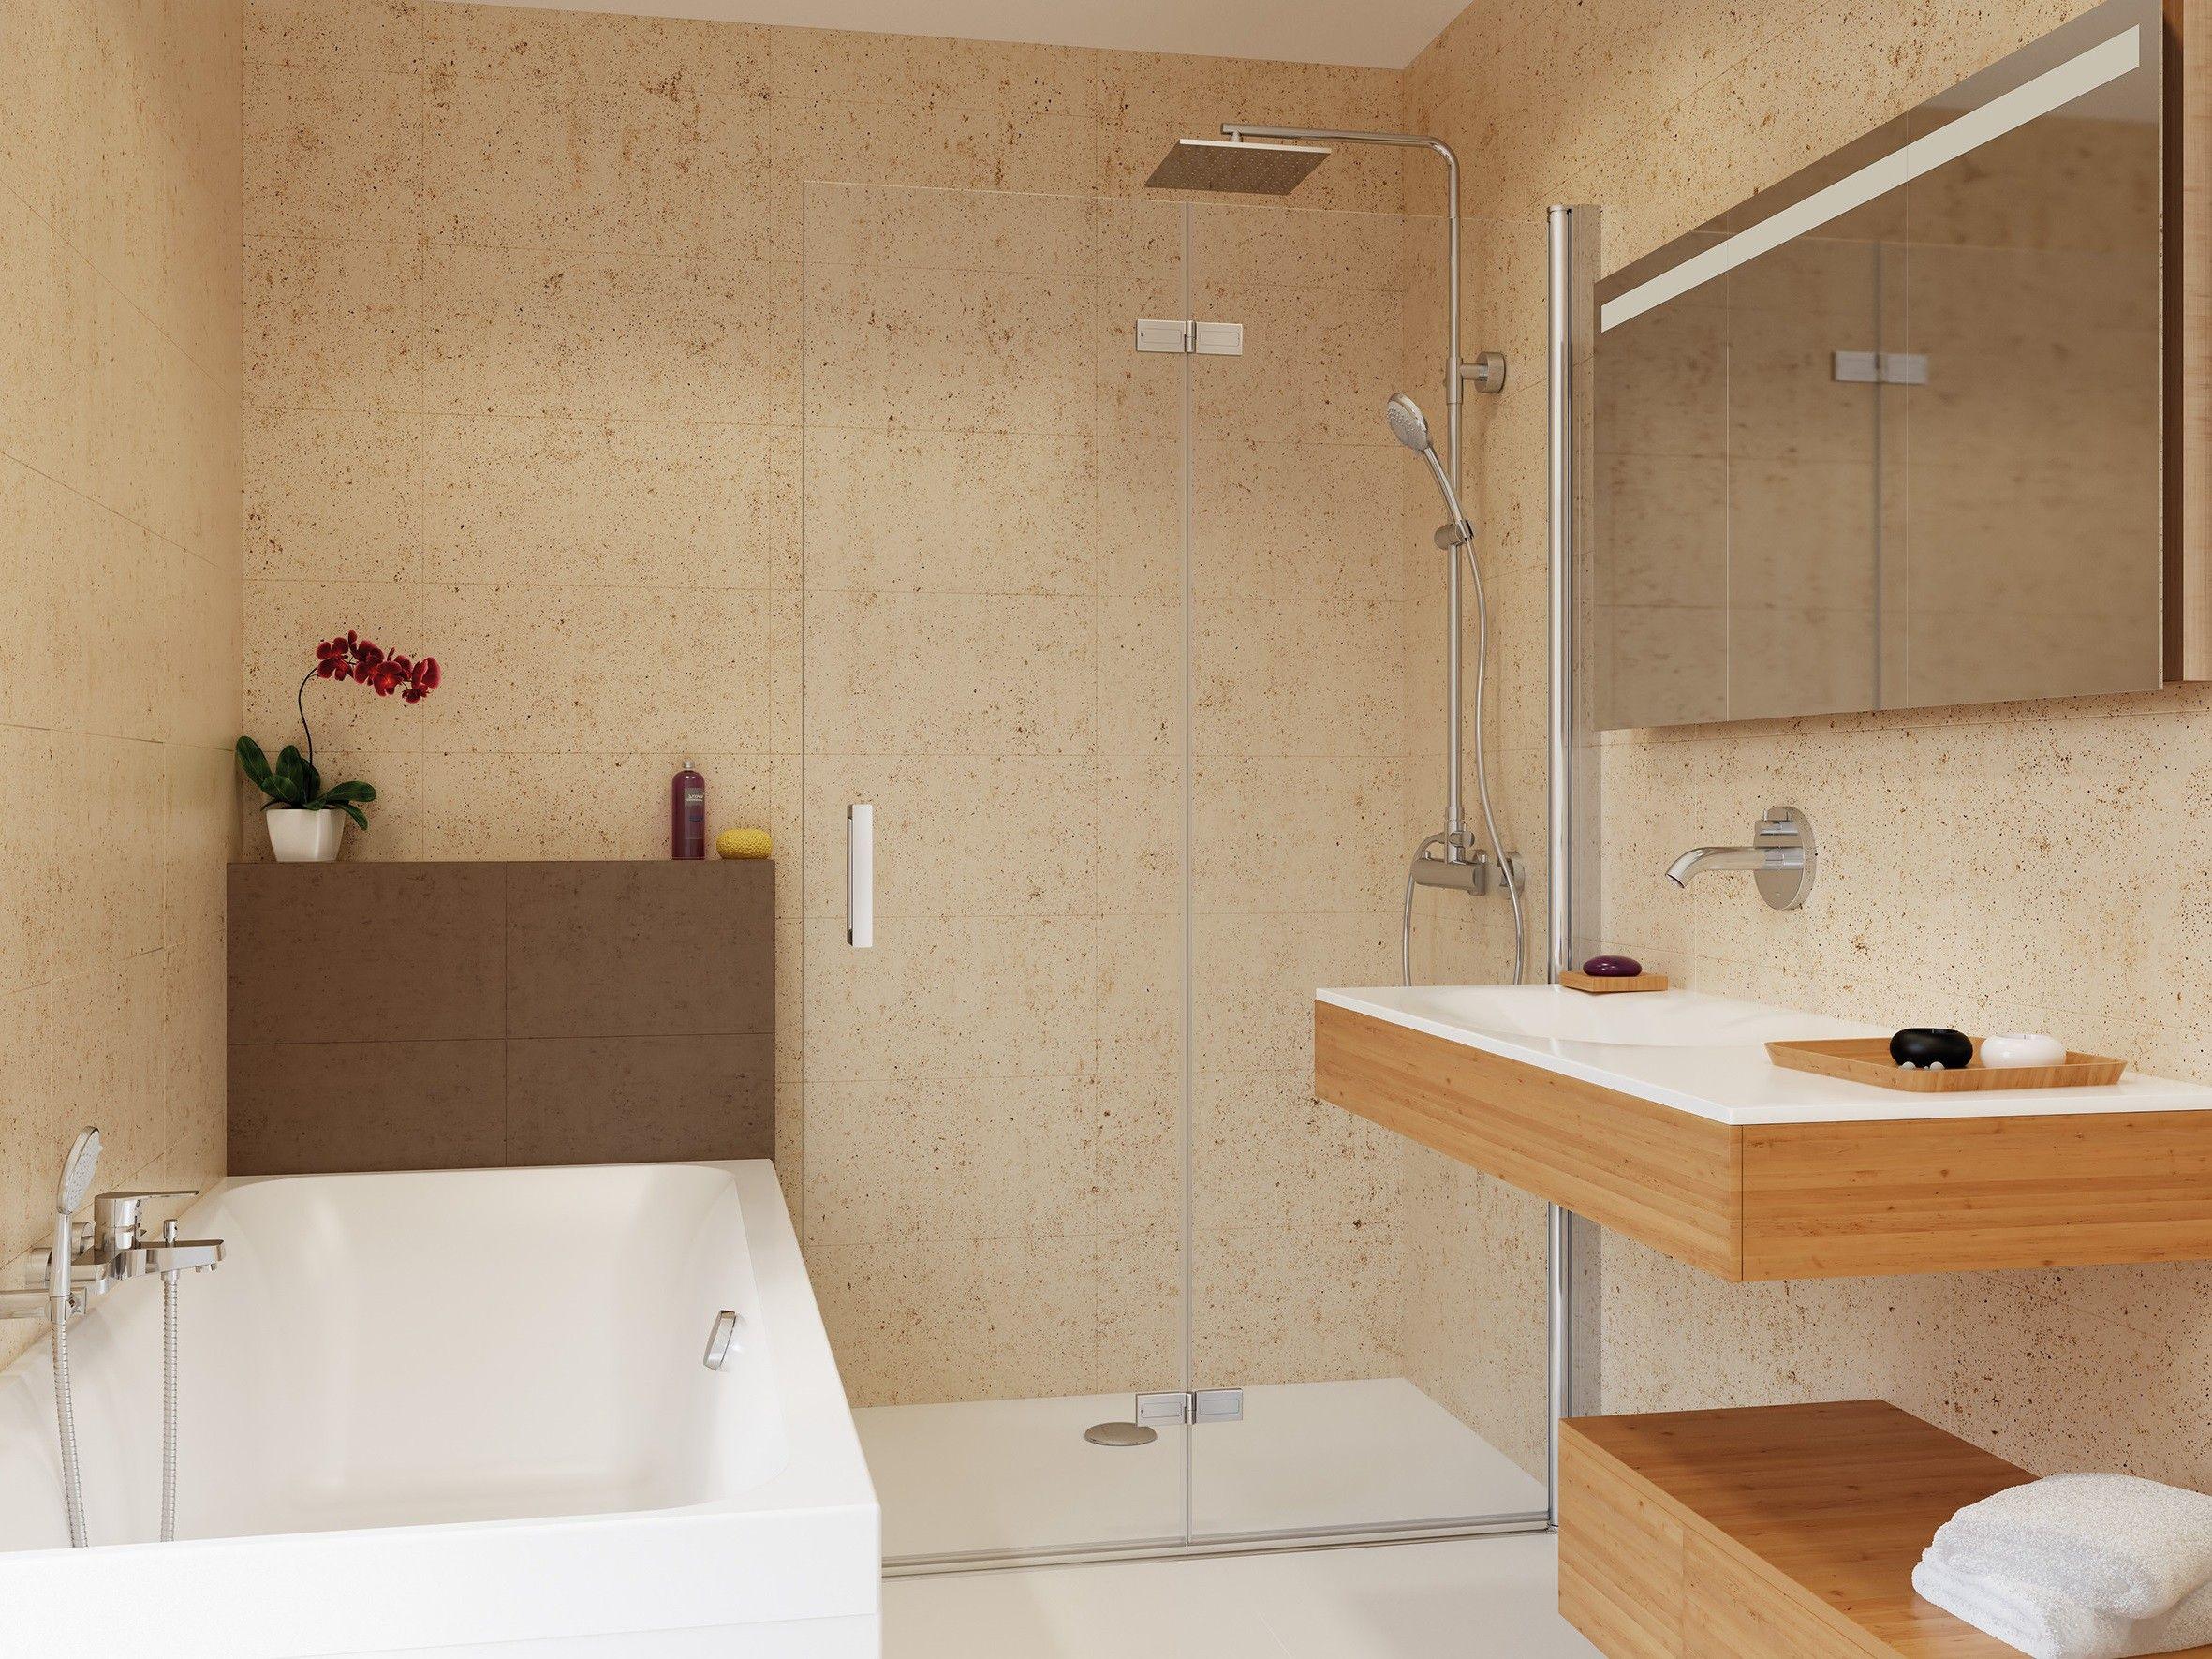 Walk In Dusche Drehfalttur 90 X 220 Cm Bad Design Heizung Dusche Schiebetur Walk In Dusche Dusche